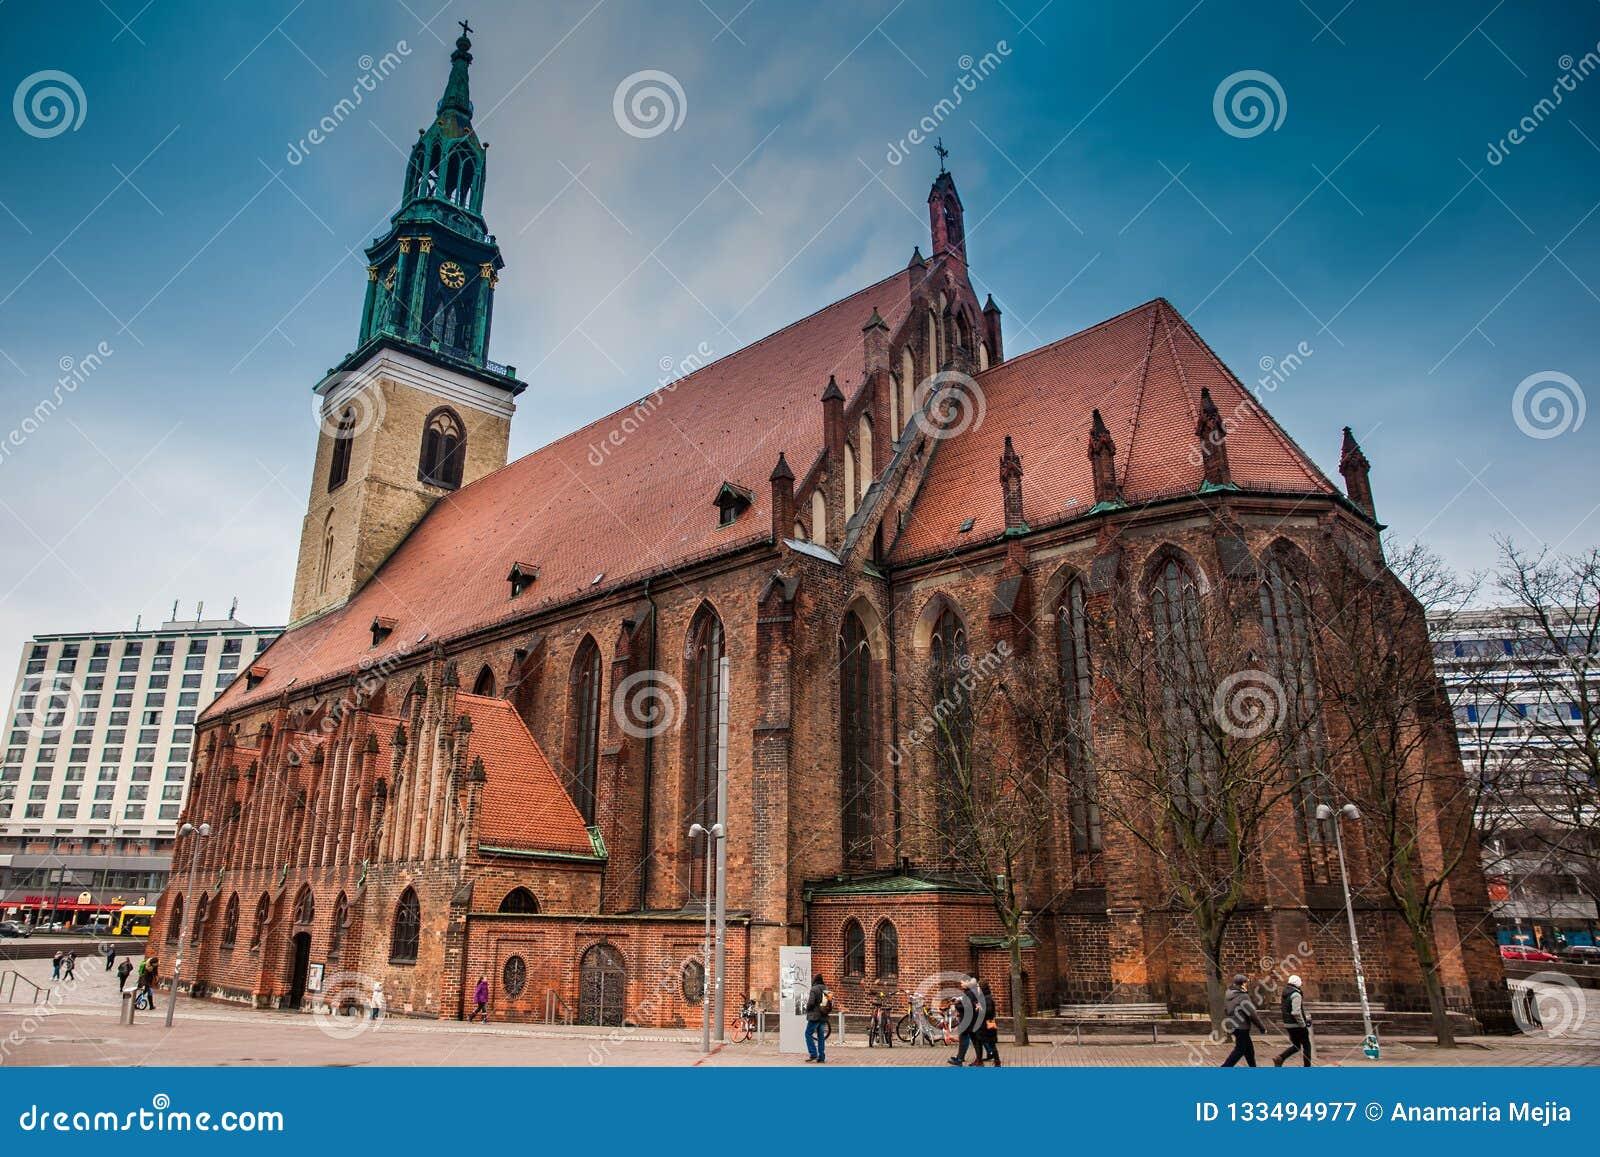 Die historischen und schönen St Mary Kirche gelegen in zentralem Berlin an einem kalten Ende des Wintertages